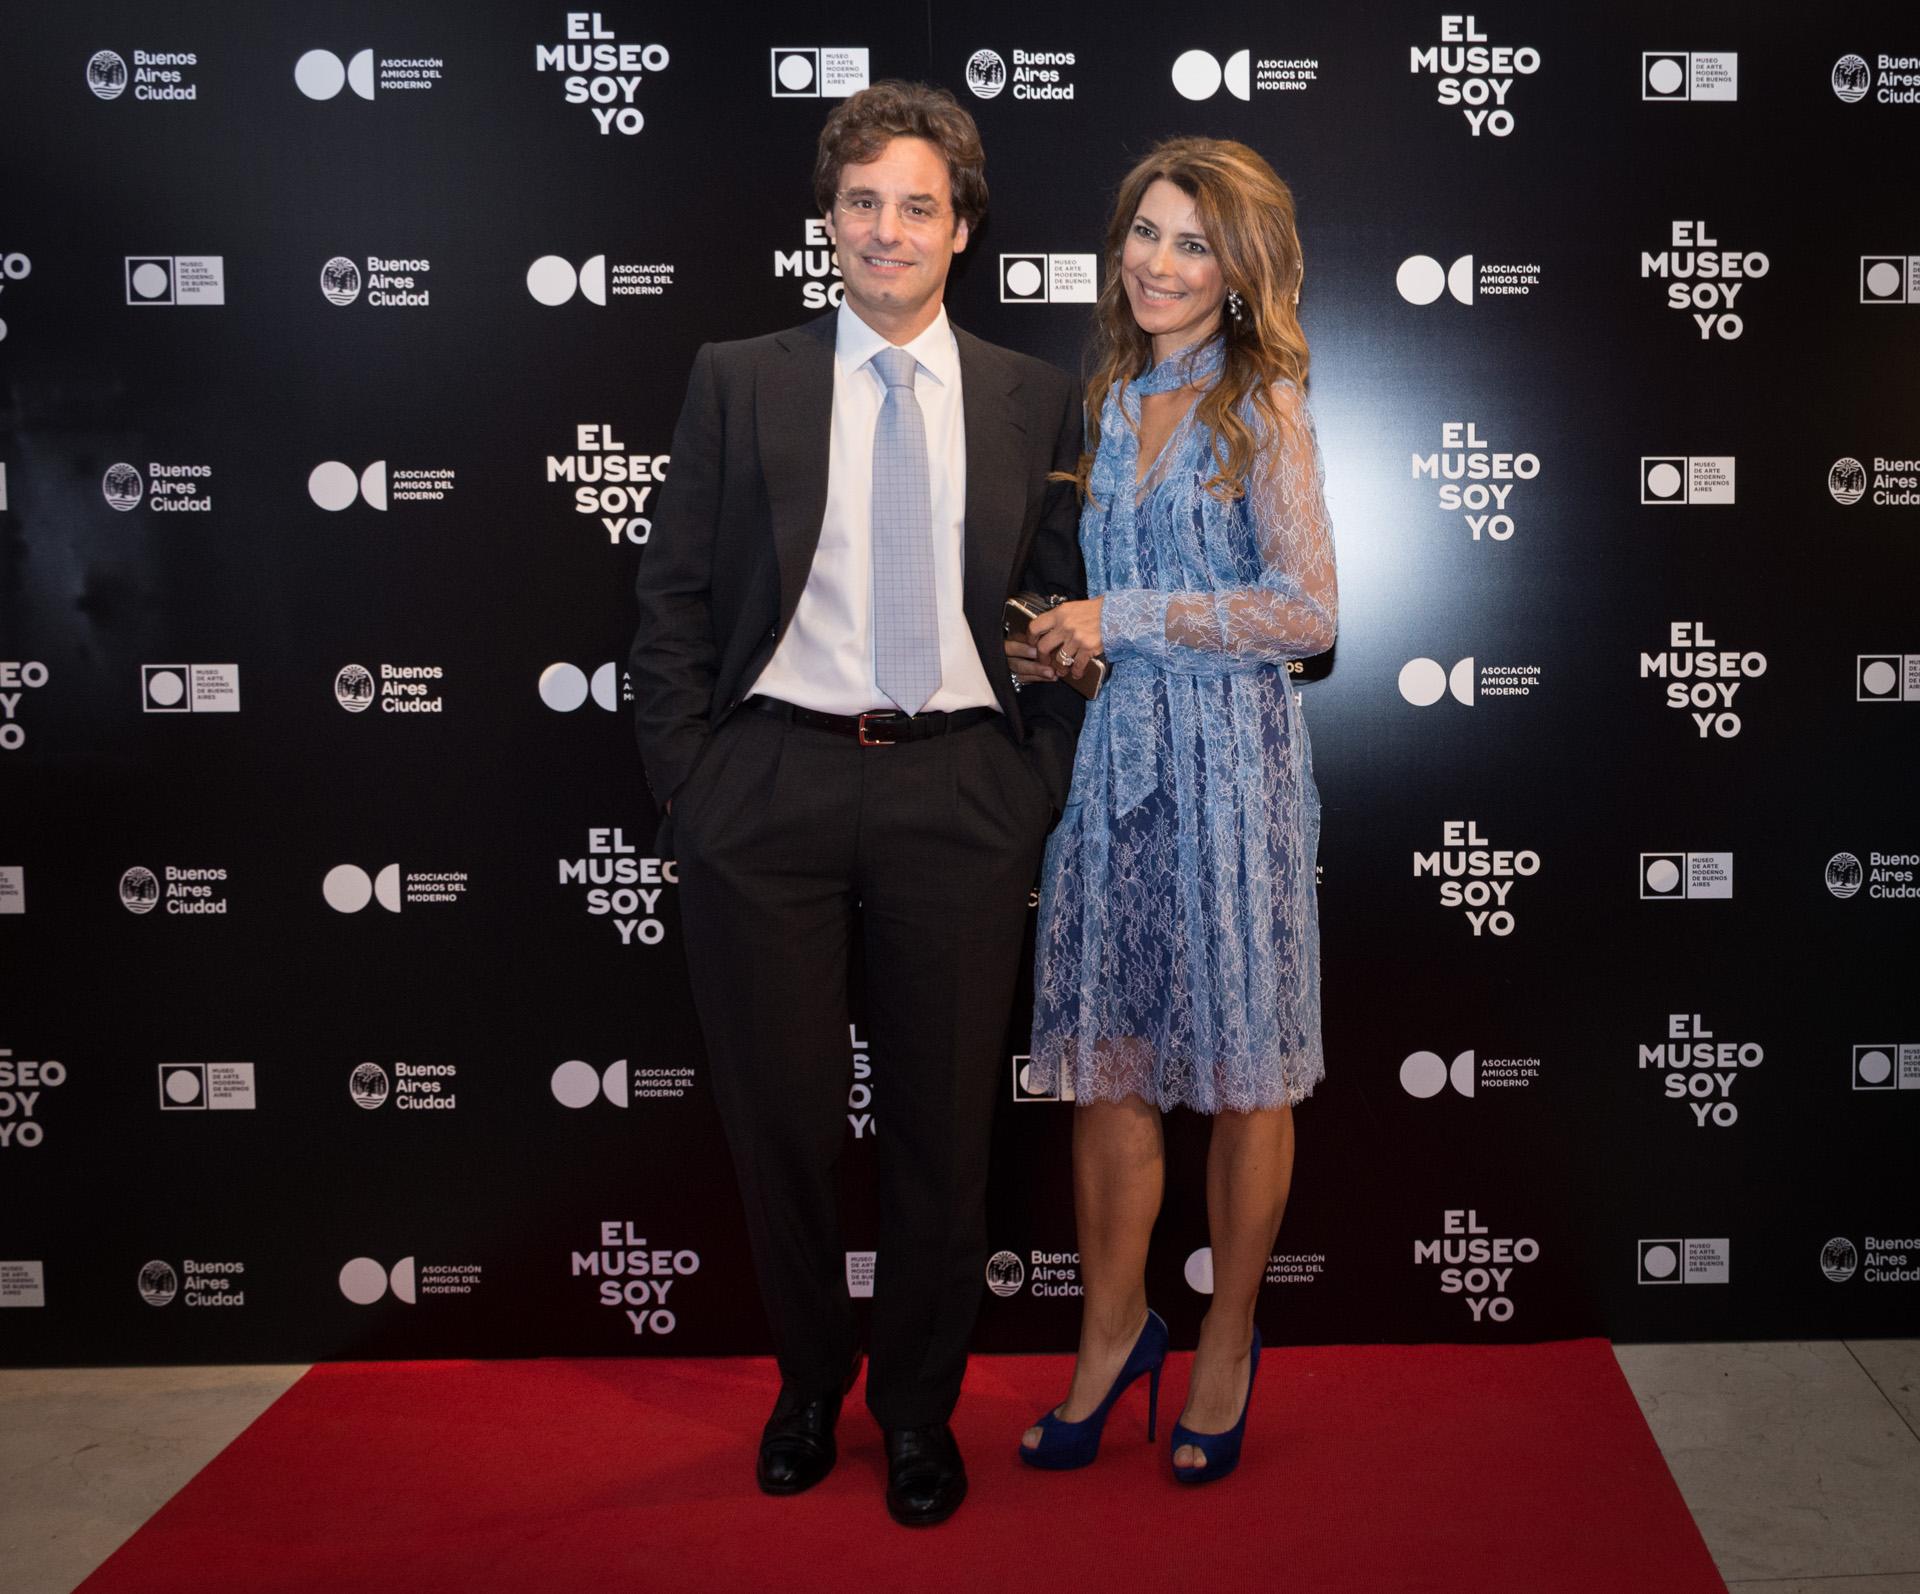 Ludovico Rocca y Adriana Batan de Rocca. La Asociación continúa, como todos los años, brindando su apoyo para eventos especiales y la difusión de valiosas obras de arte moderno y contemporáneo argentino e internacional